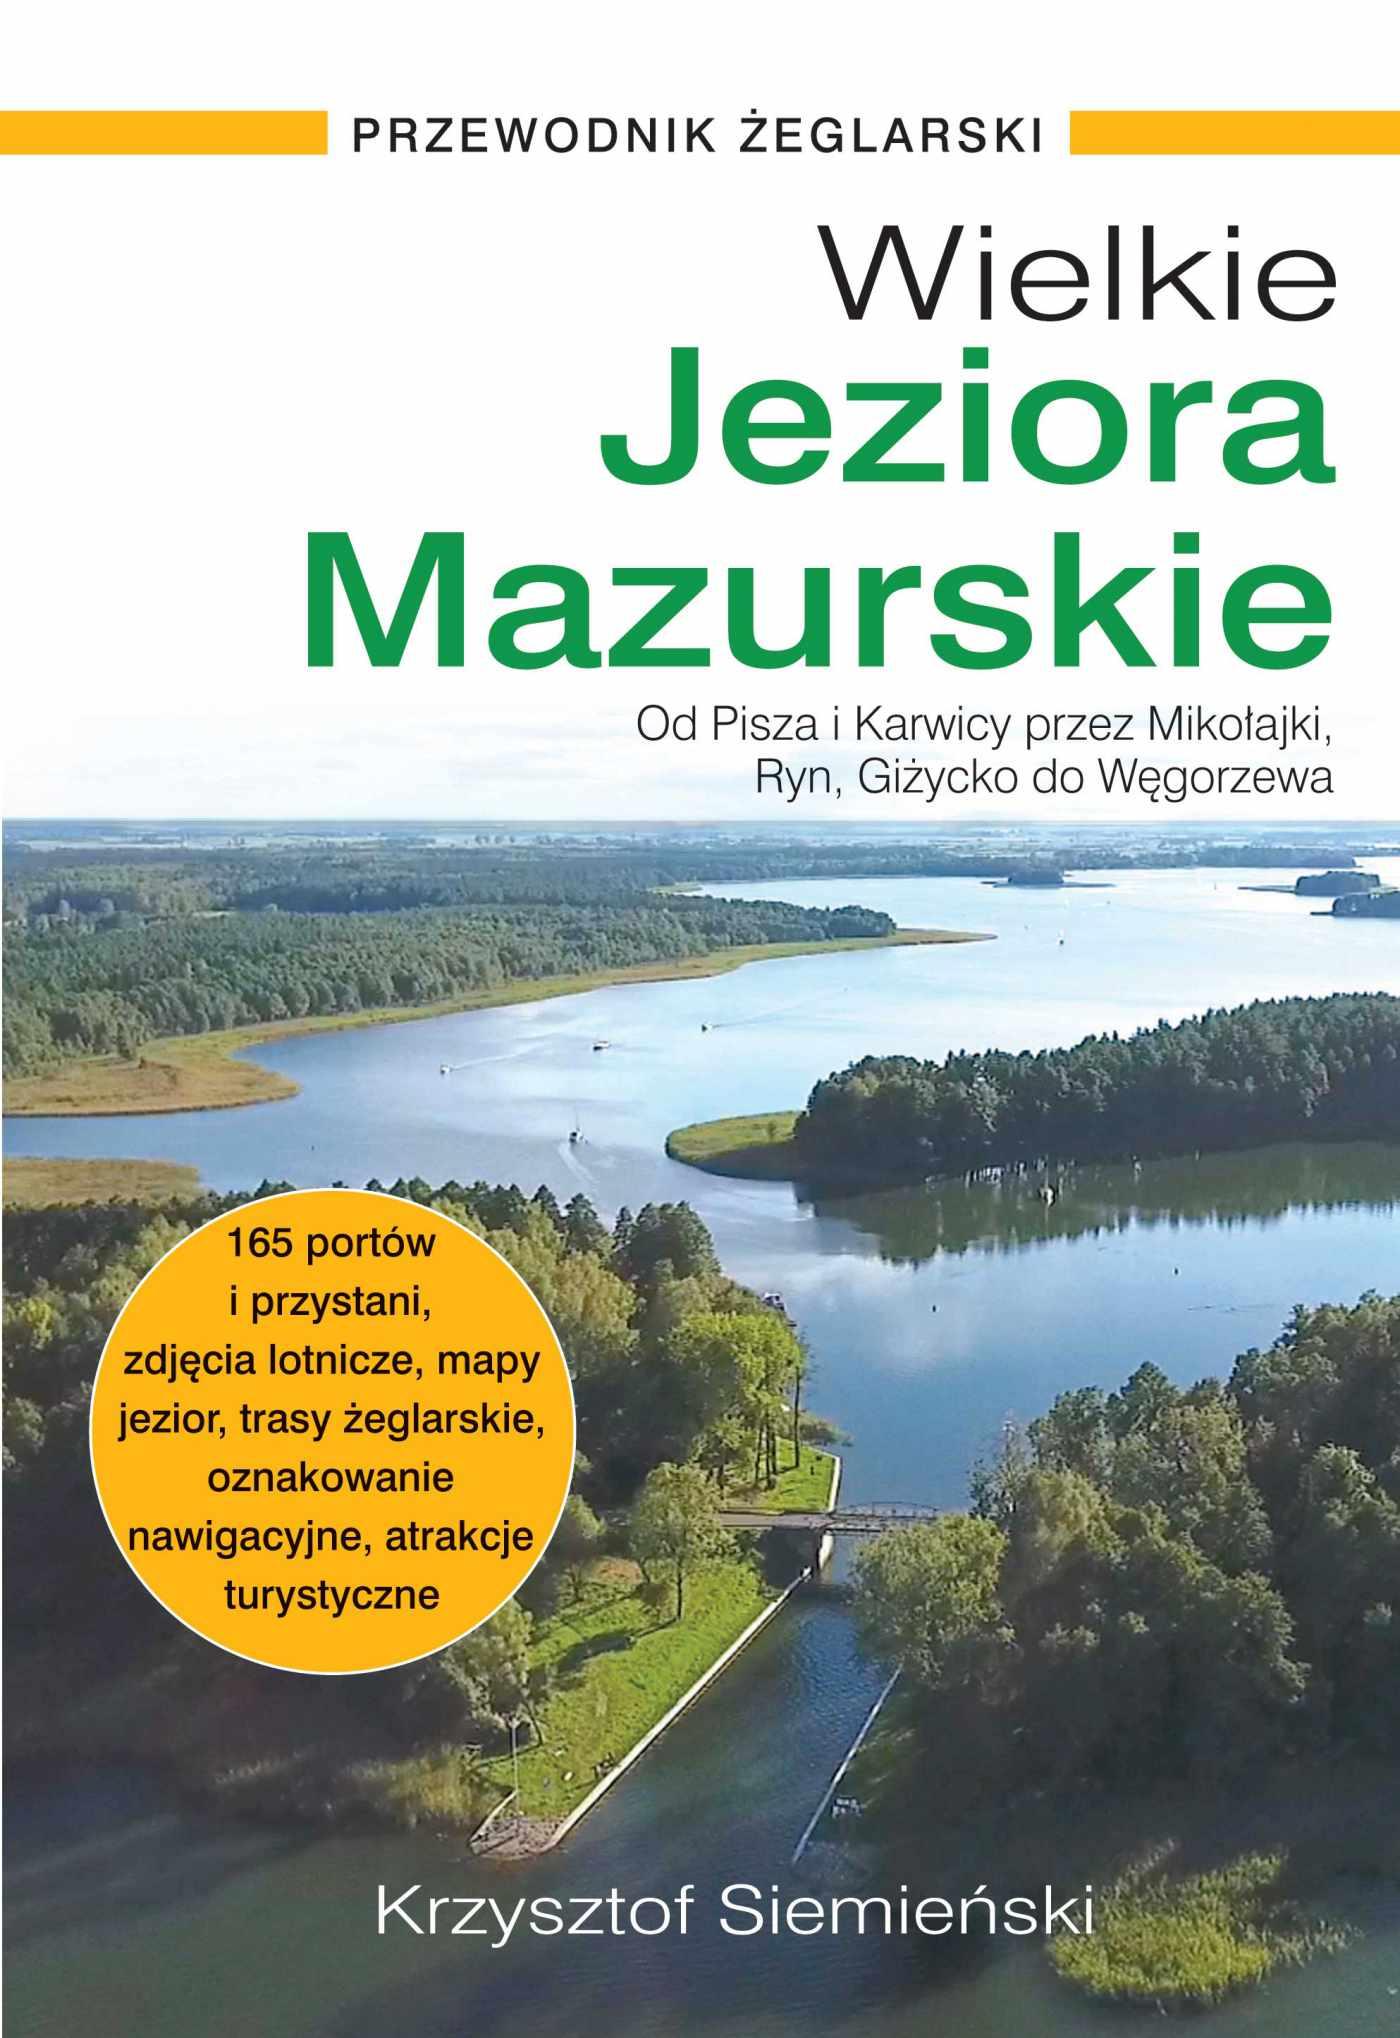 Wielkie Jeziora Mazurskie. Przewodnik żeglarski - Ebook (Książka PDF) do pobrania w formacie PDF